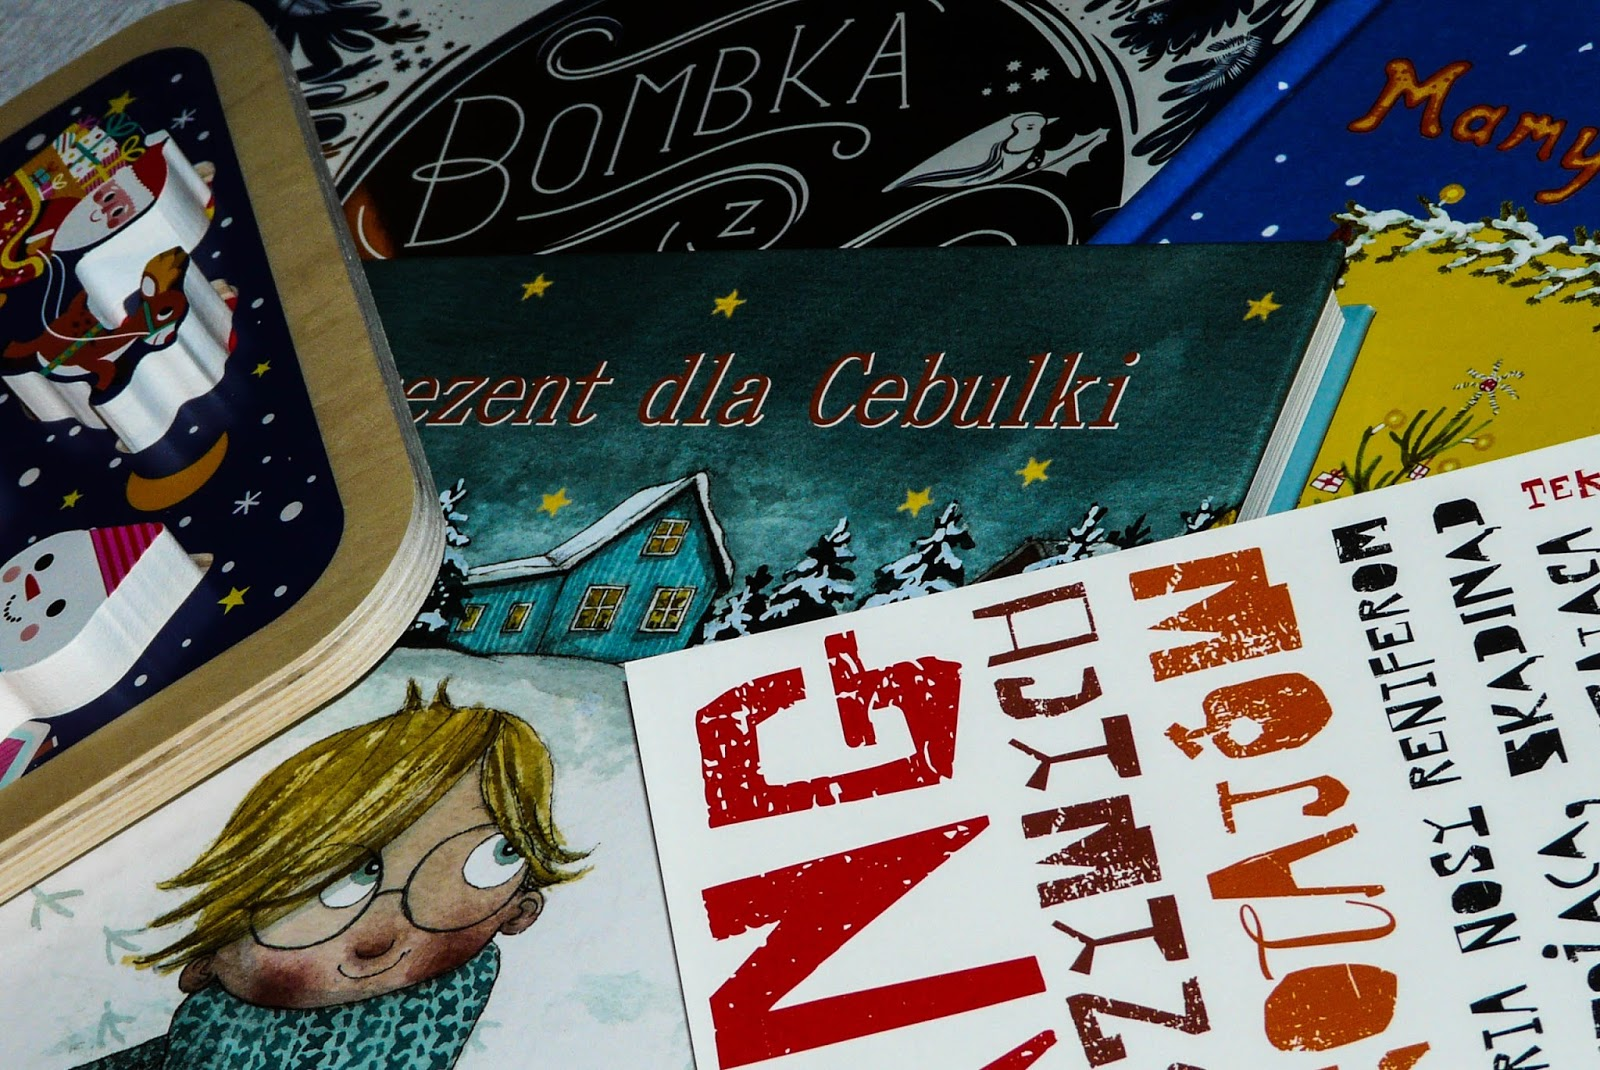 książki dla dzieci o świętach, książki dla dzieci o zimie, świąteczne książki dla dzieci, blog, inspiracje